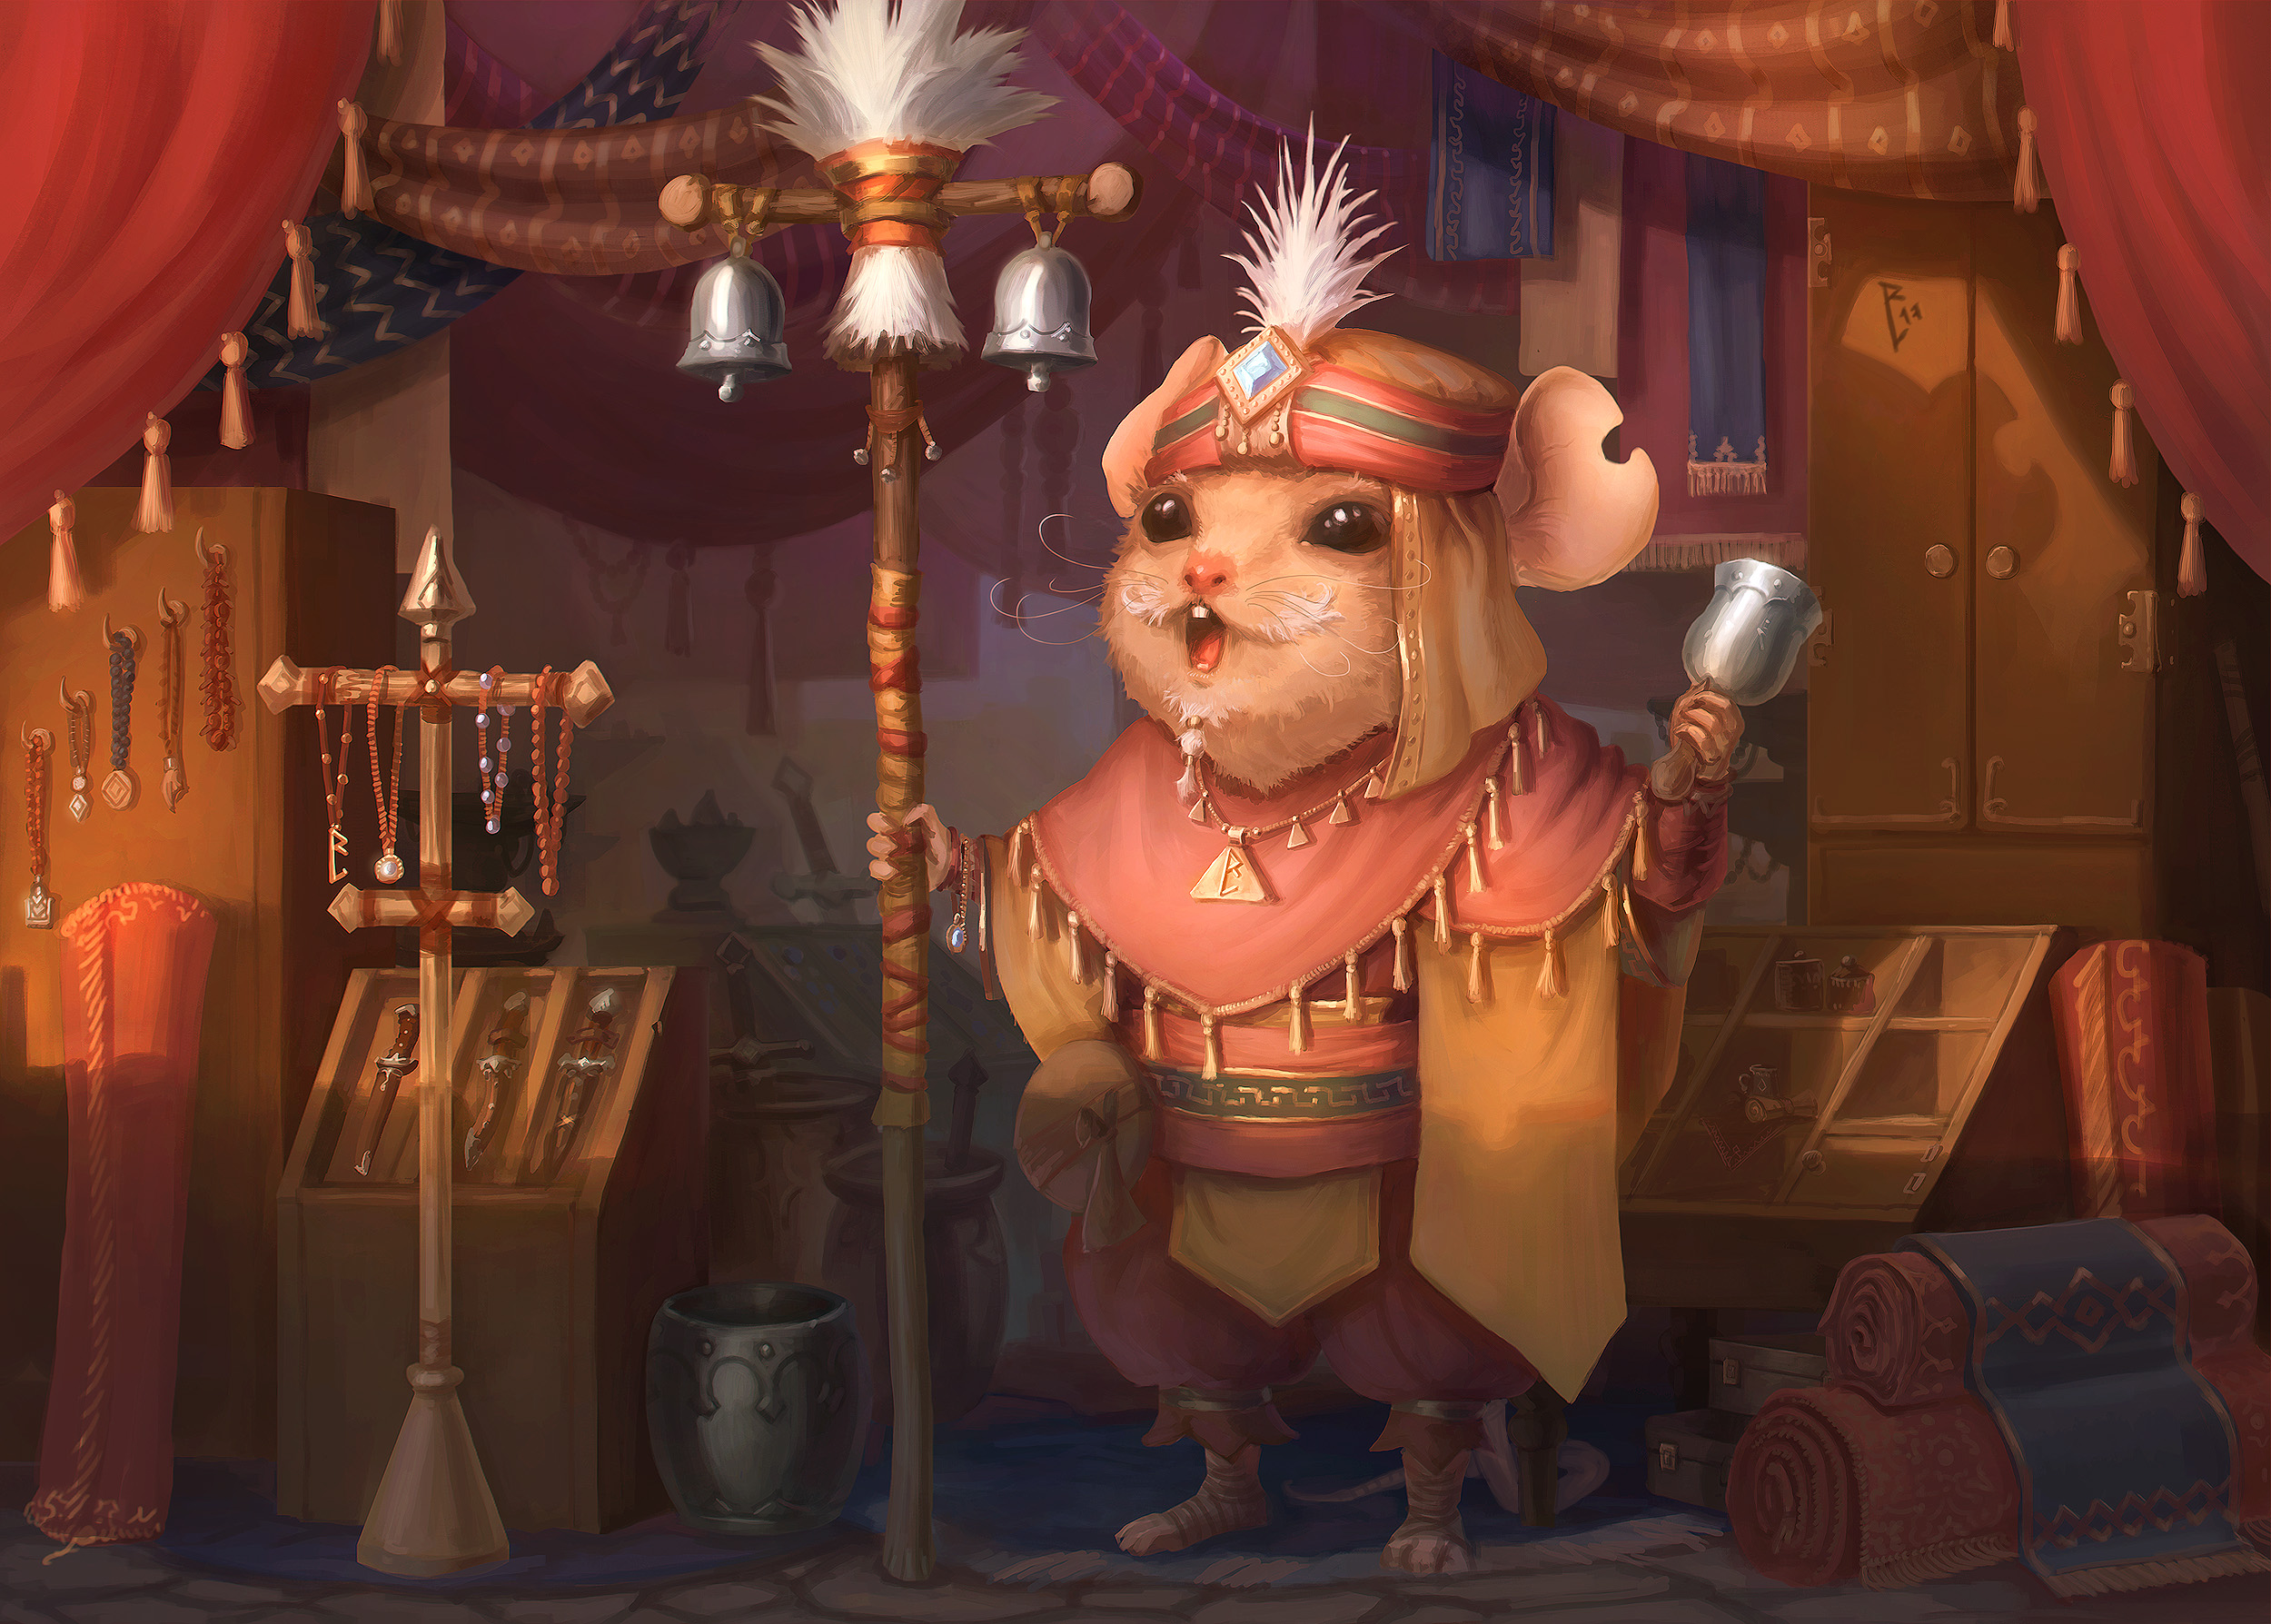 Mouse merchant